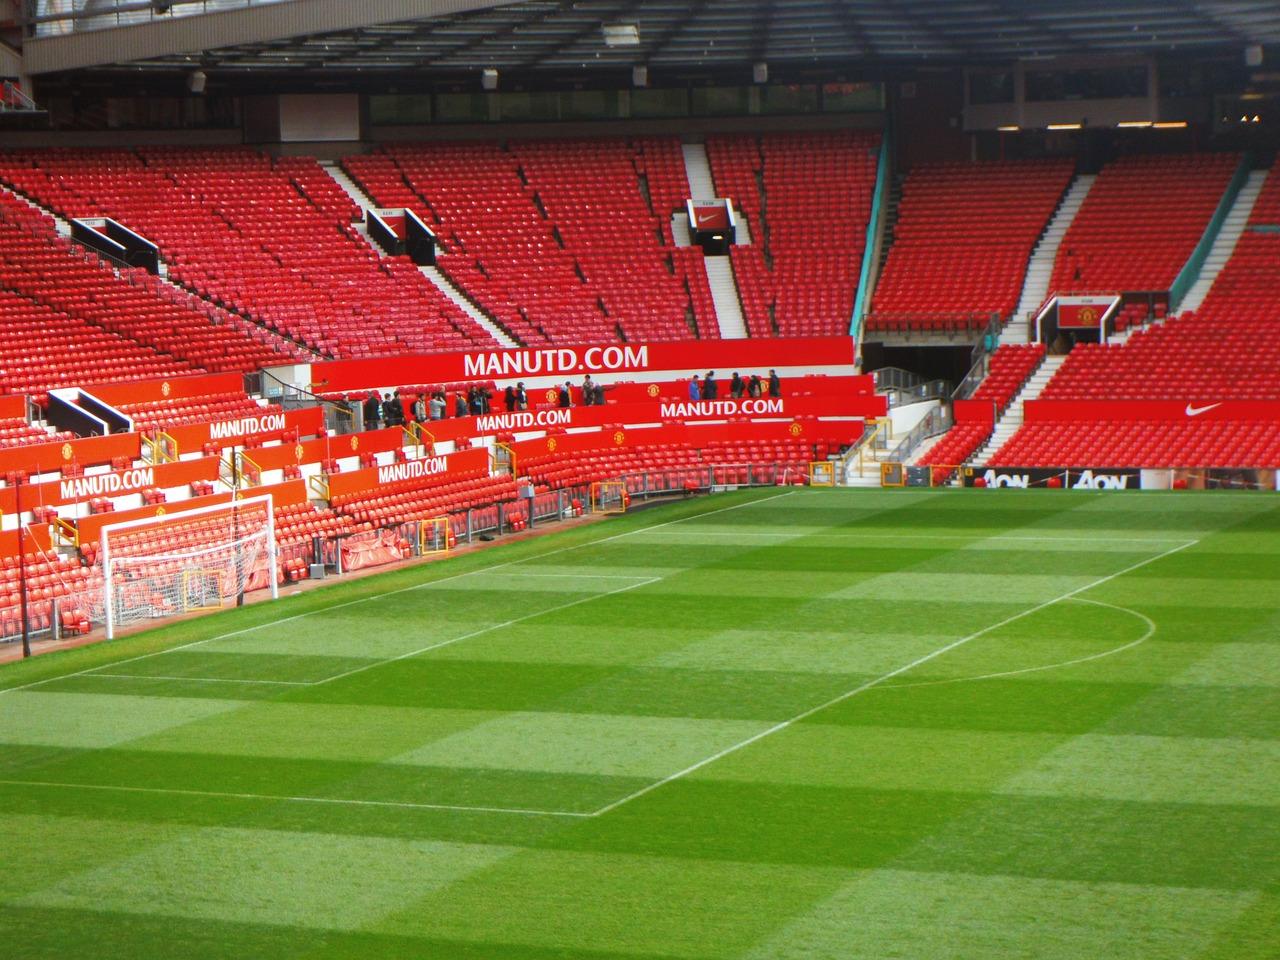 Las virtudes del Manchester United, rival del Granada en la Europa League